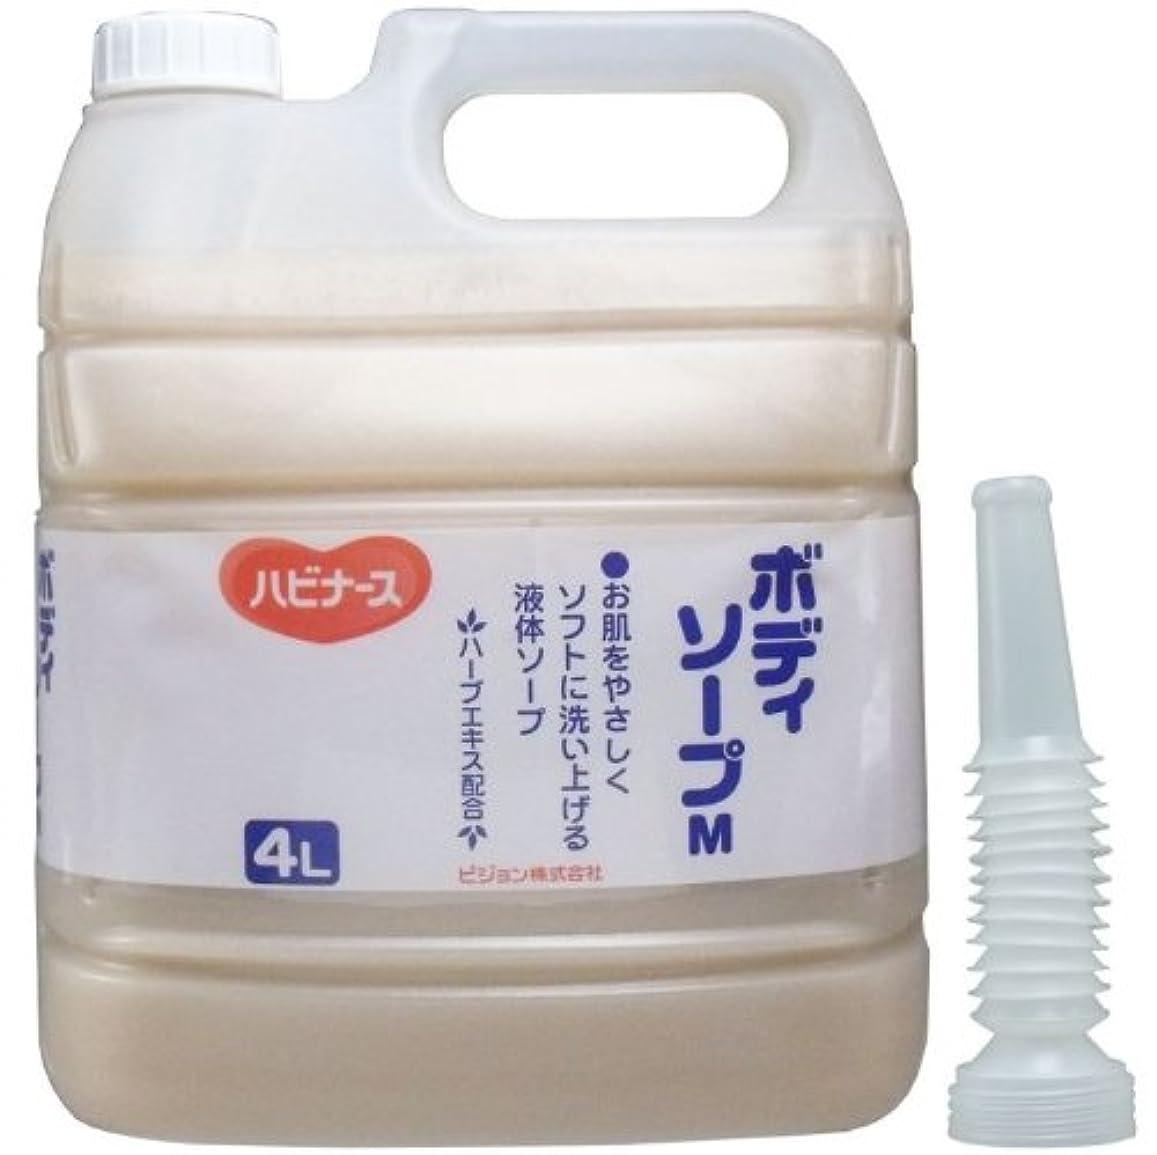 水没データベース運動する液体ソープ ボディソープ 風呂 石ケン お肌をやさしくソフトに洗い上げる!業務用 4L【5個セット】